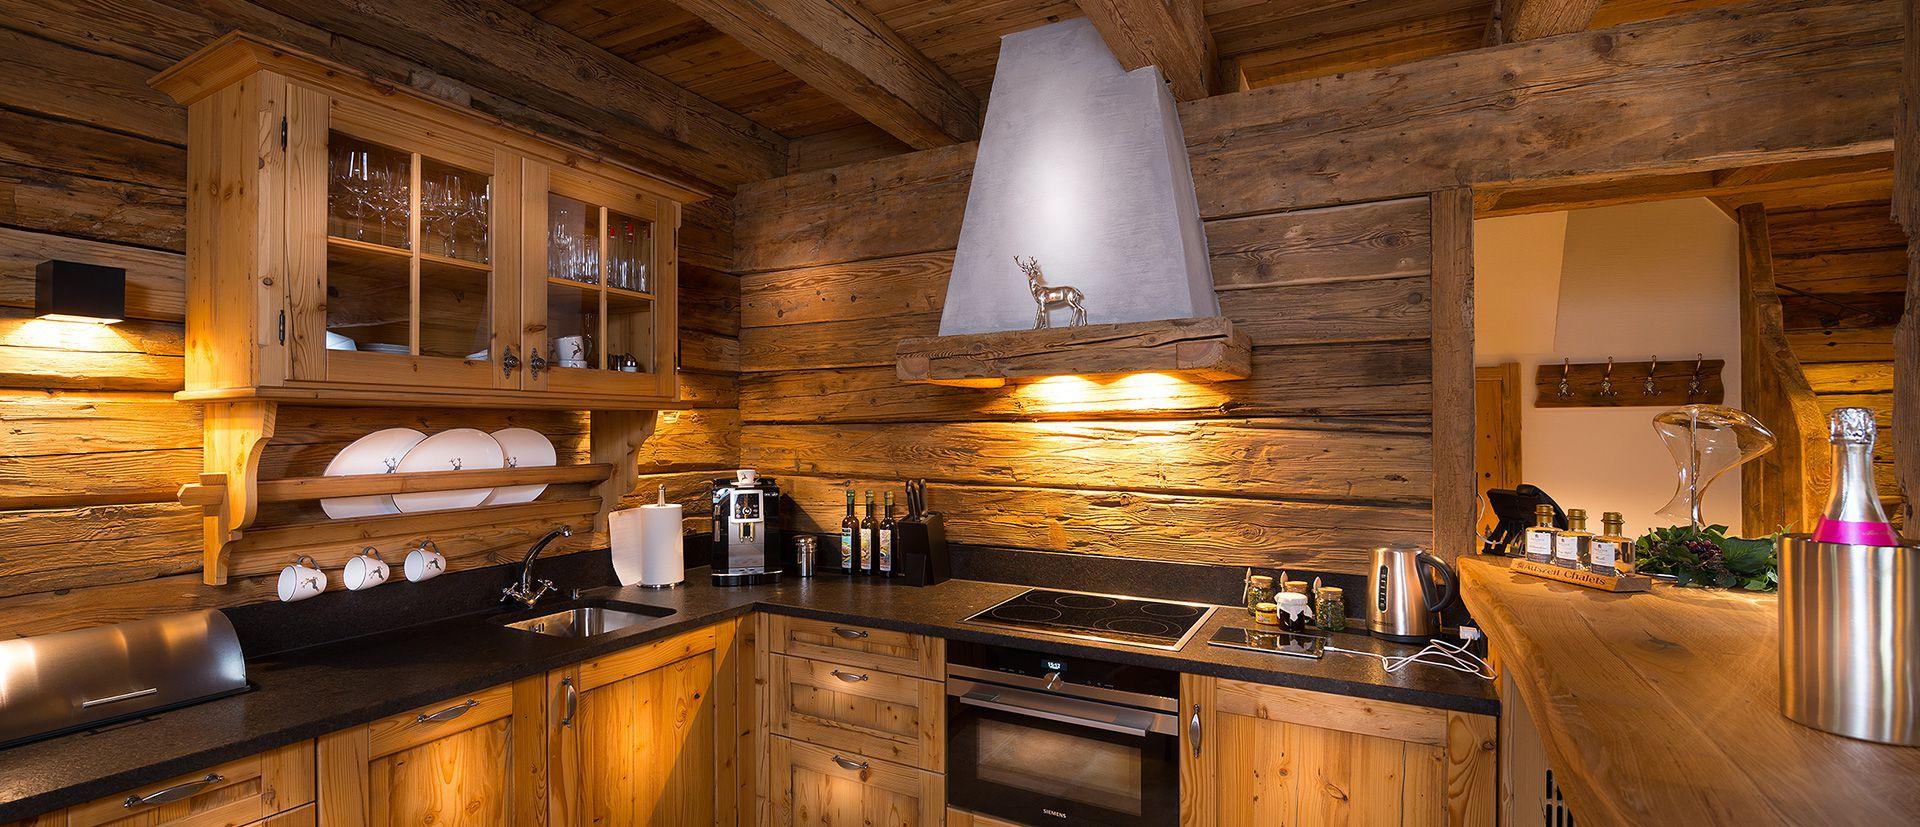 Nutzen Sie die große Küche in Ihrem Luxus-Chalet in Österreich